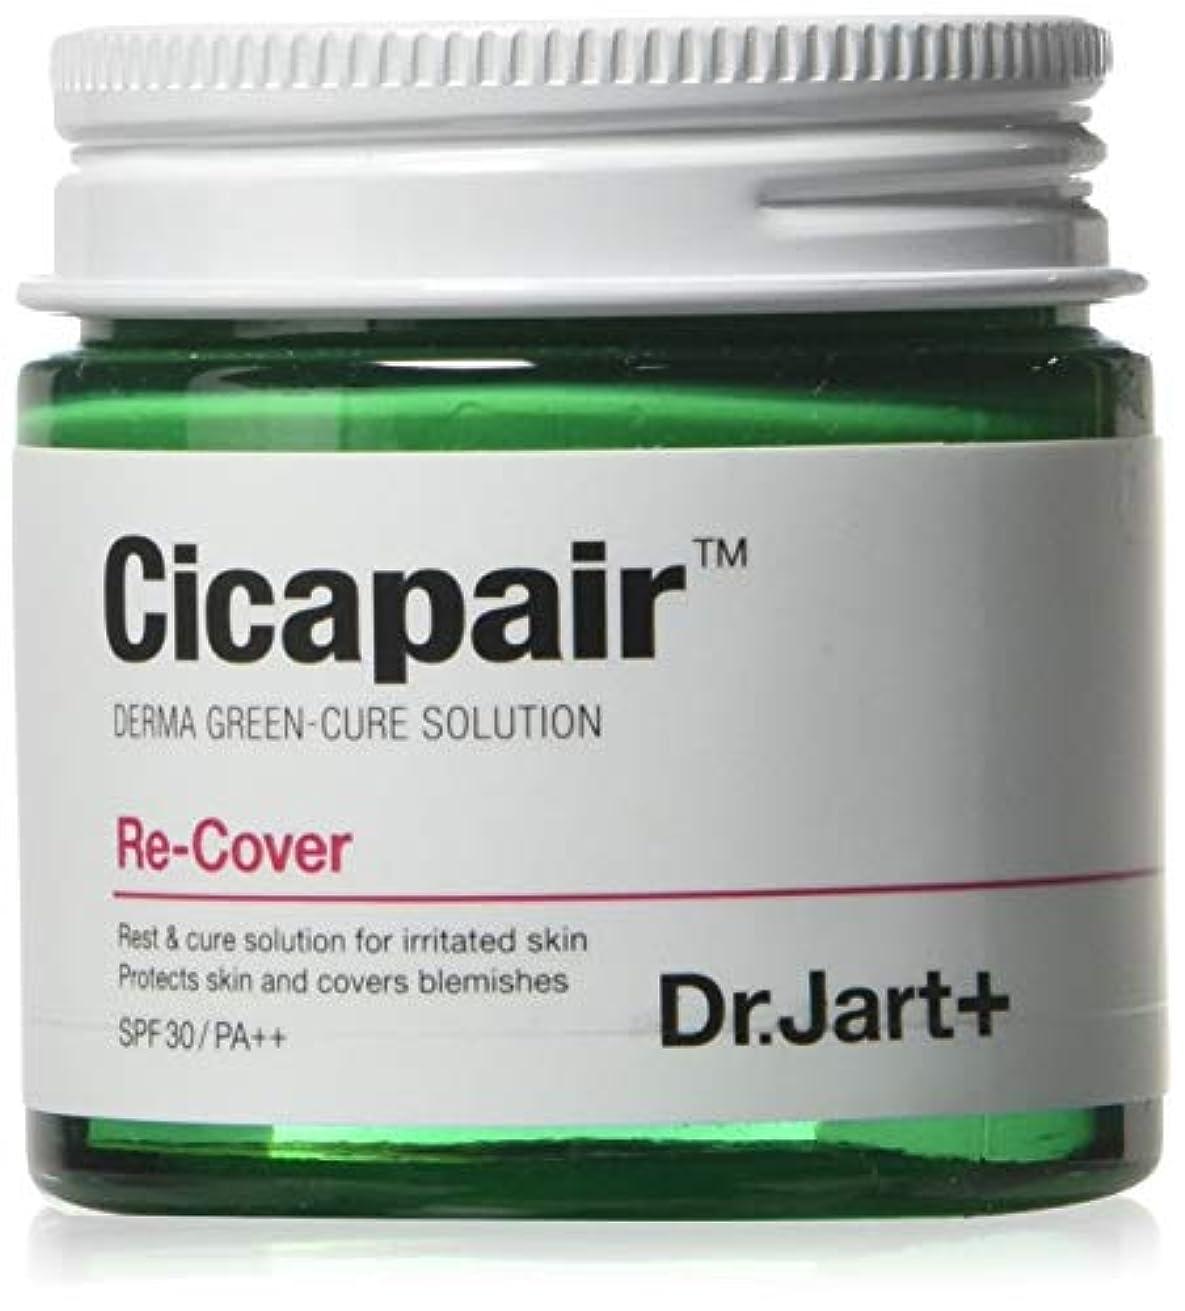 はっきりしない苦しめる不安定なDr. Jart + Cicapair Cream 1.7 fl oz 50ml